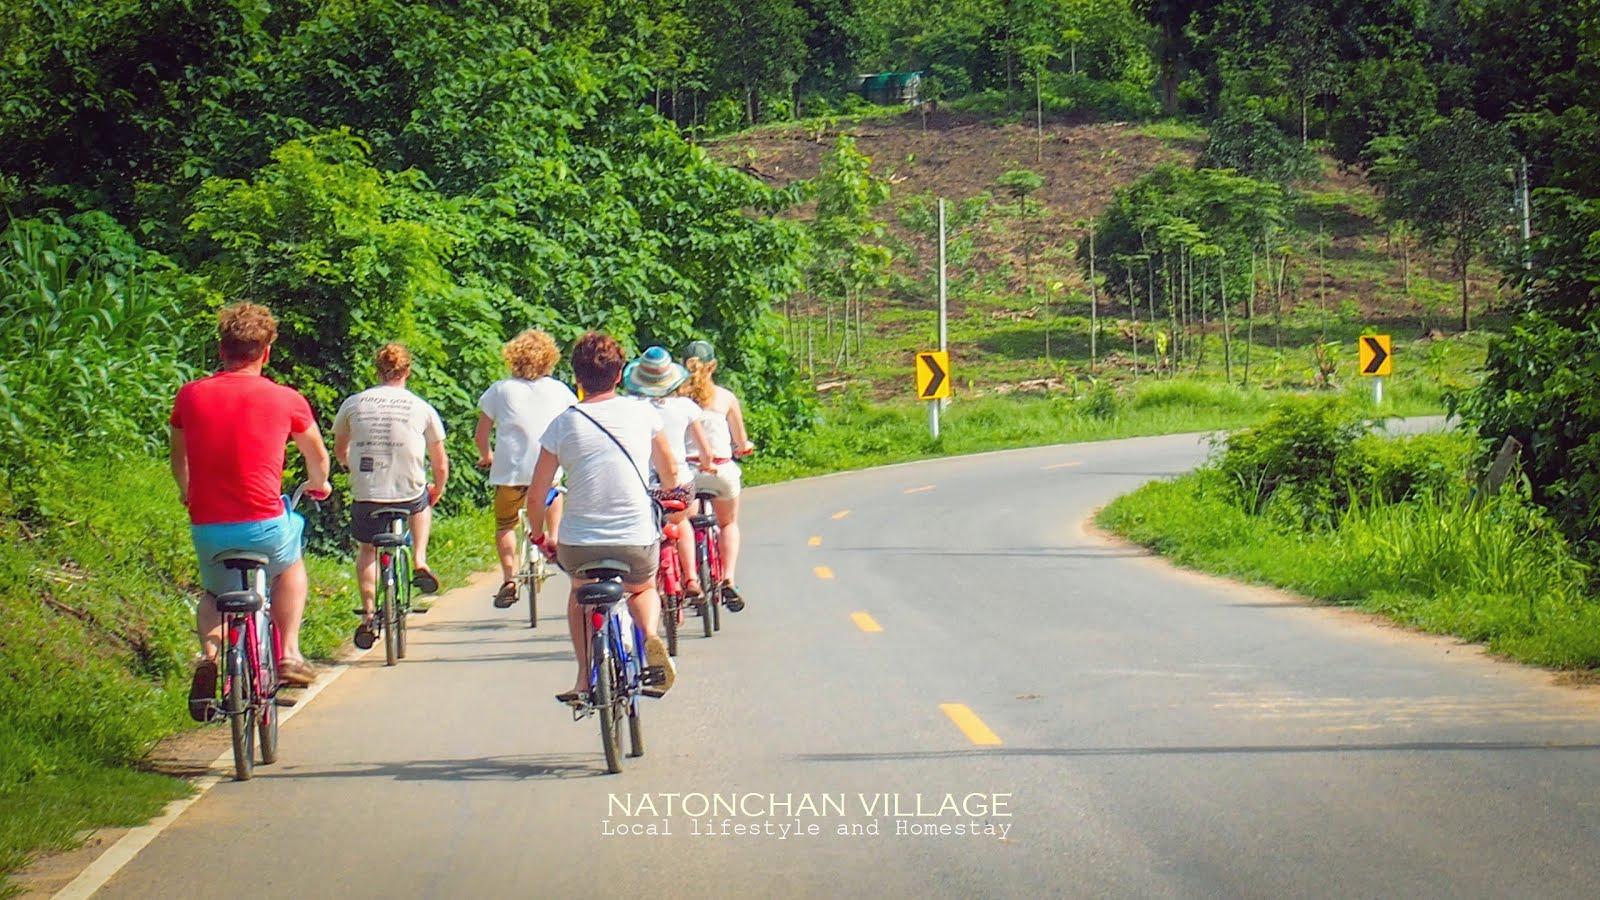 ปั่นจักรยานรอบๆหมู่บ้าน